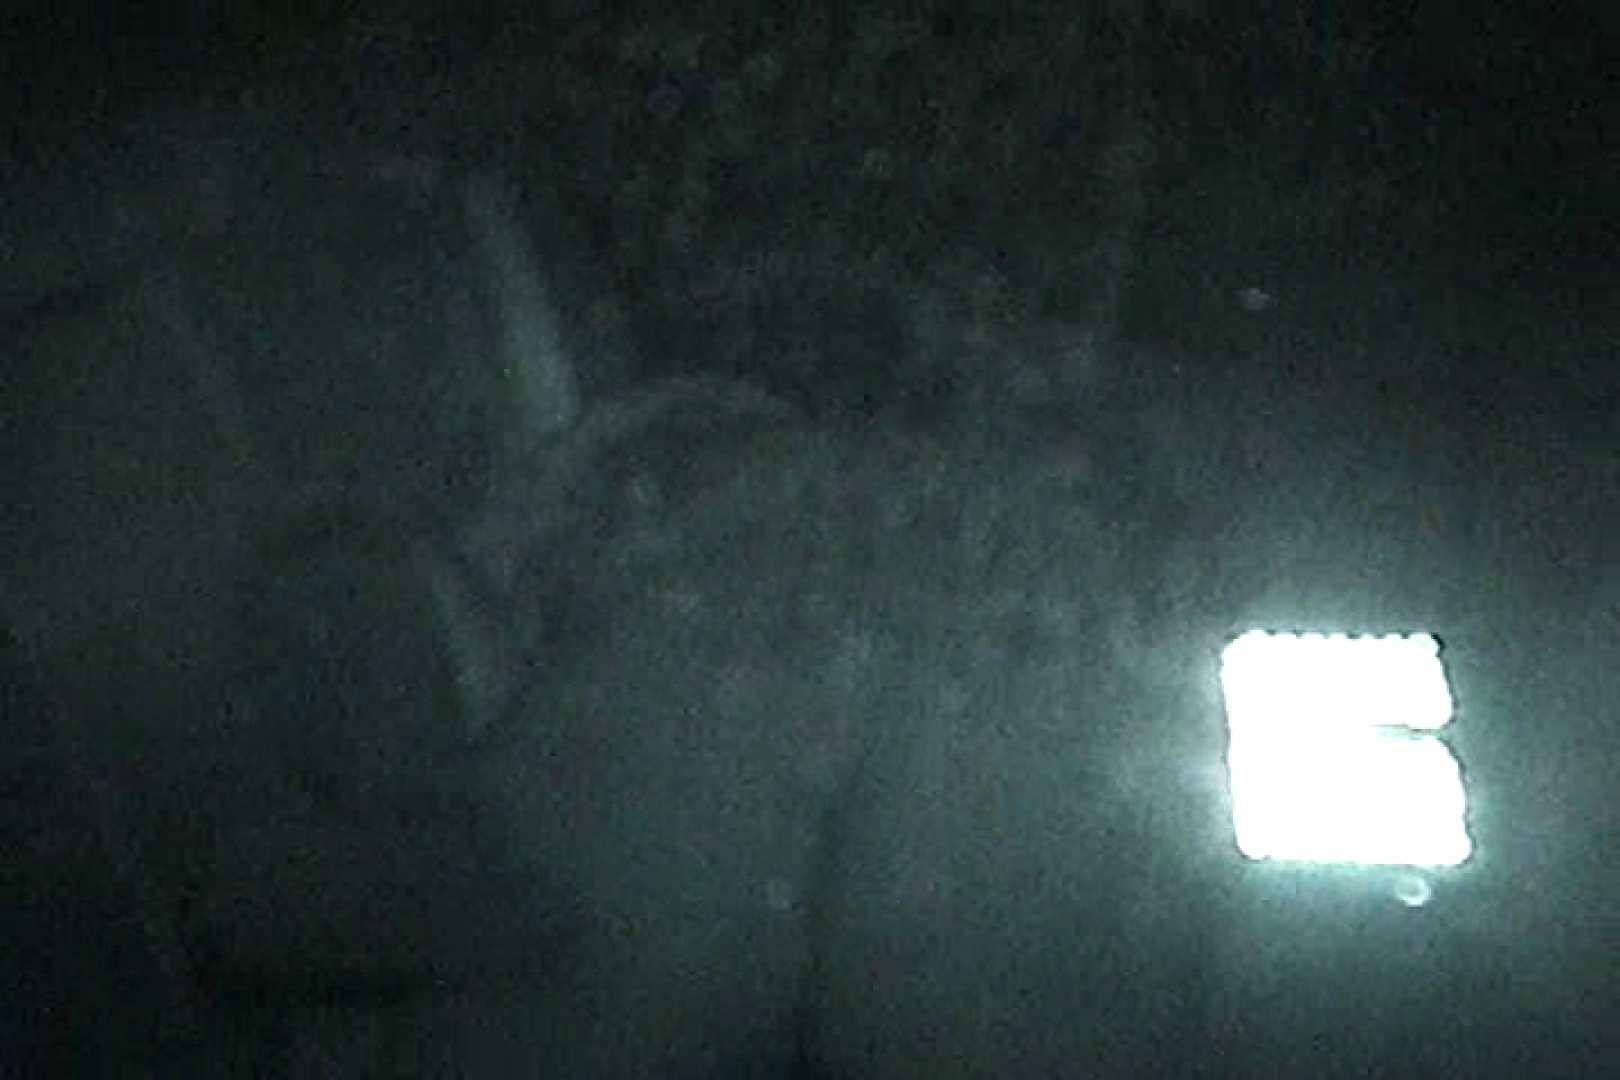 充血監督の深夜の運動会Vol.12 OLセックス 盗撮セックス無修正動画無料 65画像 58